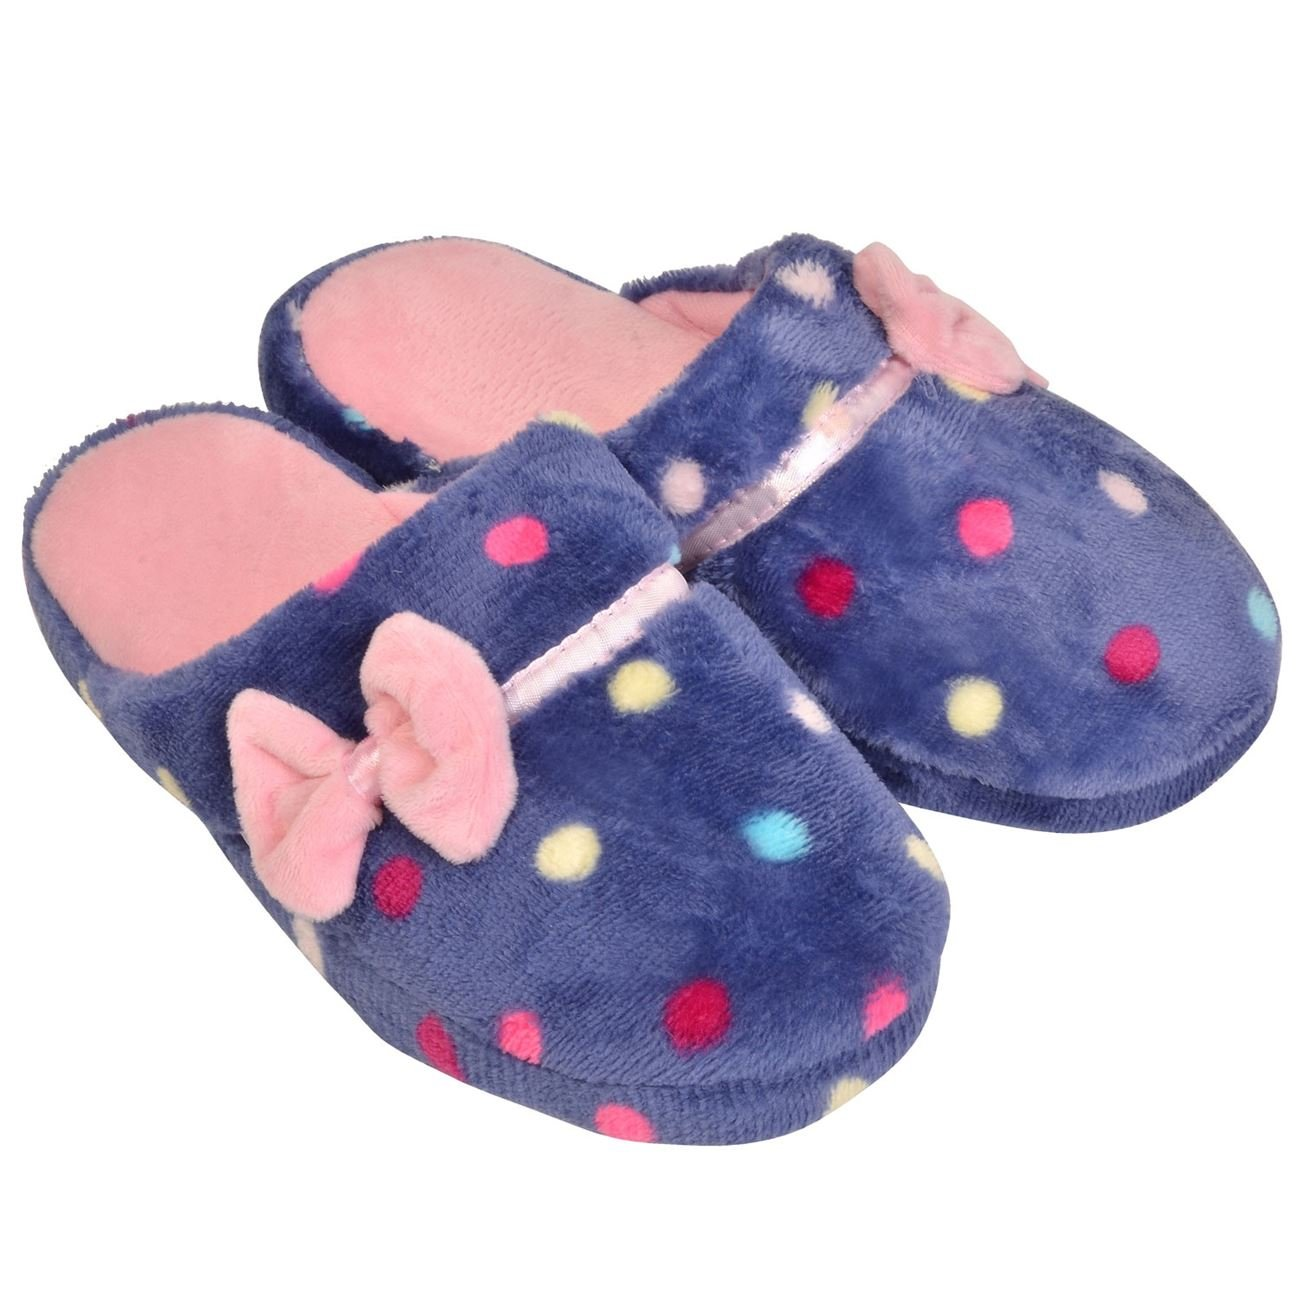 Παντόφλες Ενηλίκων-Παιδικές   Ρούχα-Αξεσουάρ Ένδυσης  d58a79c52e6